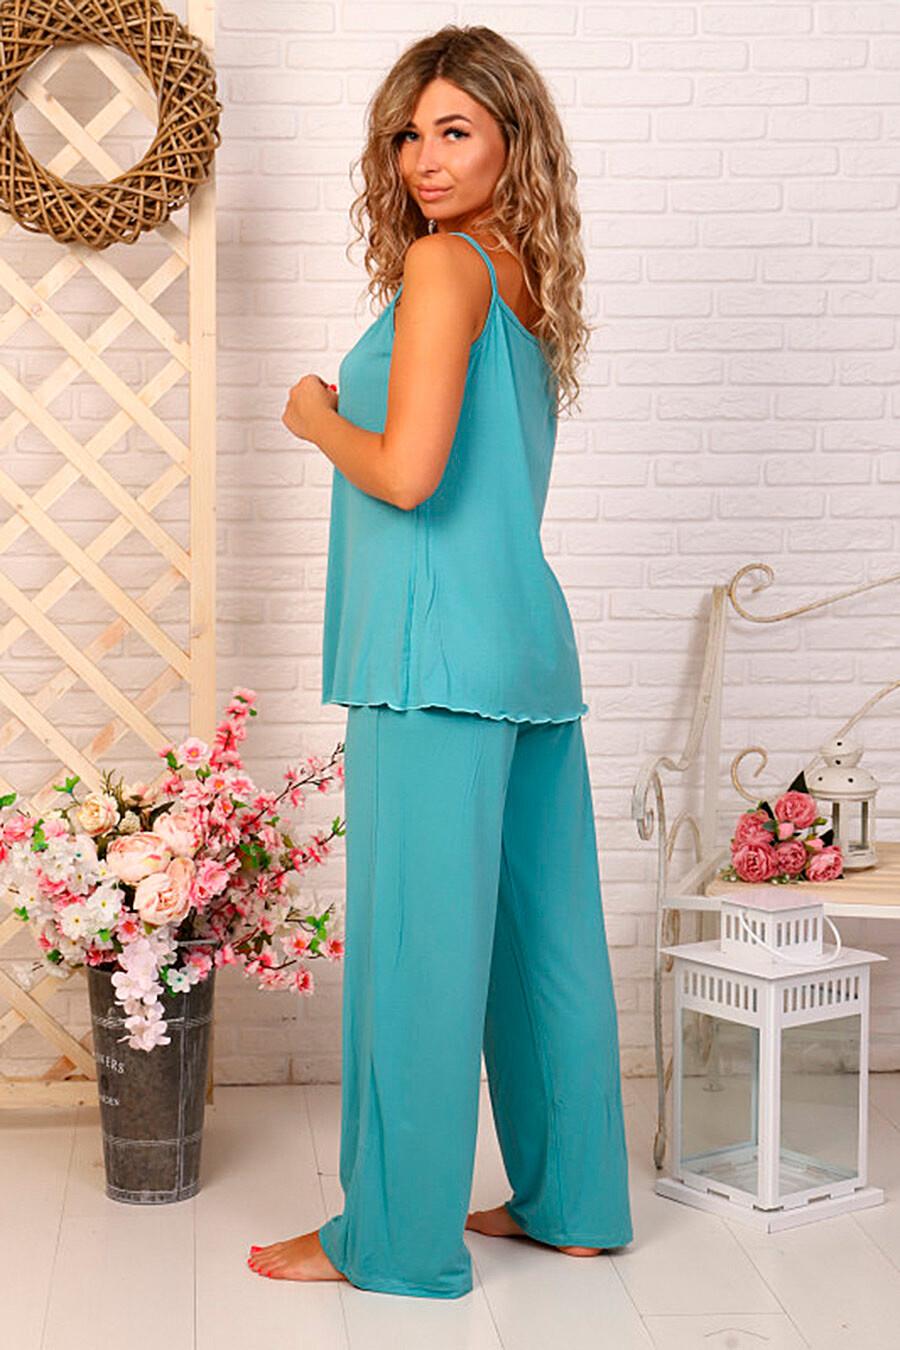 Костюм (Брюки+Топ) для женщин SOFIYA37 682277 купить оптом от производителя. Совместная покупка женской одежды в OptMoyo